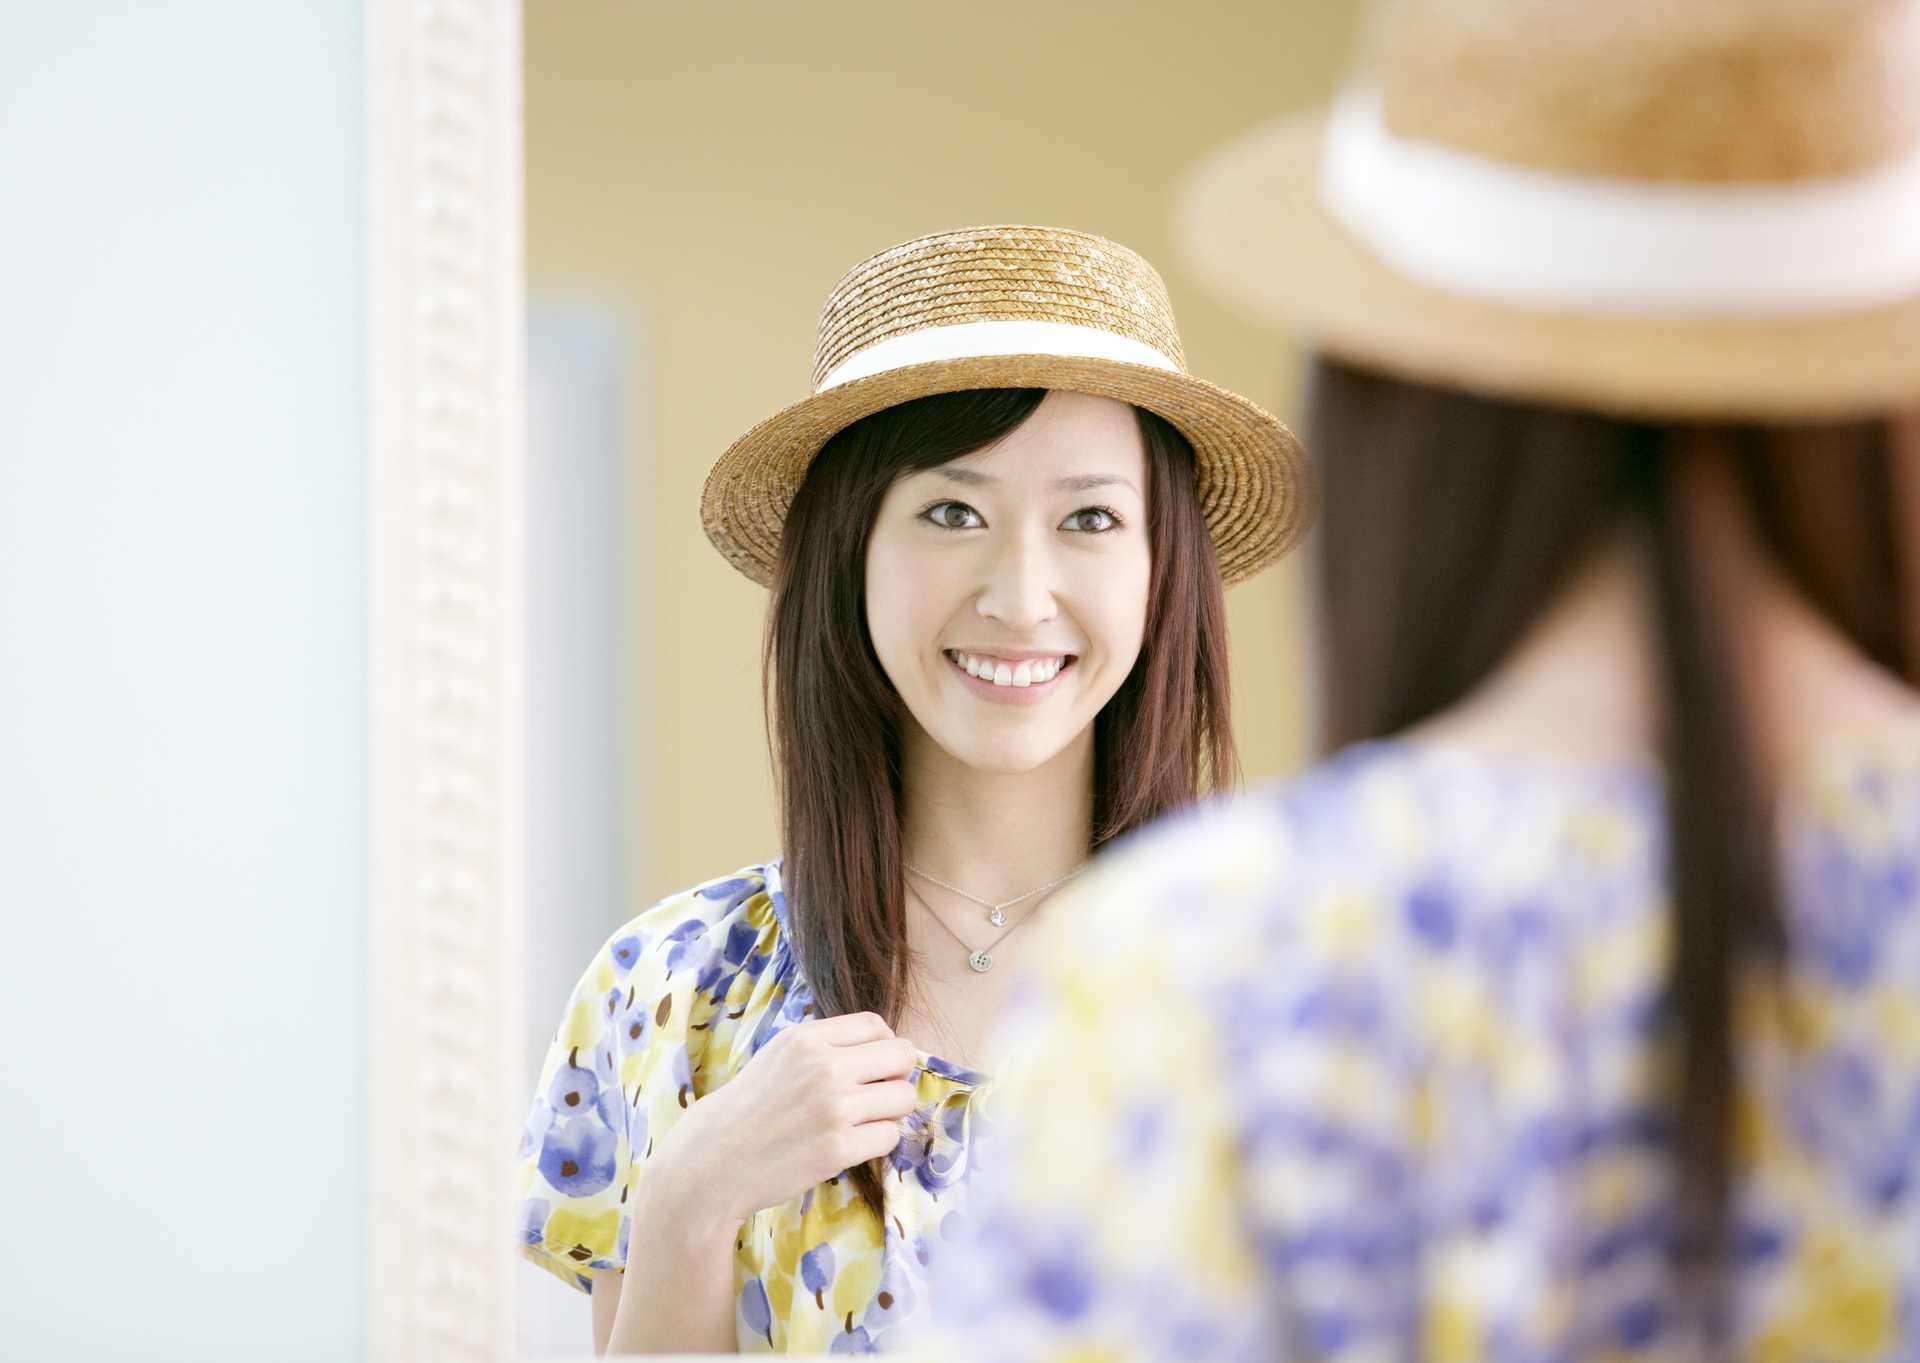 鏡は、感情を2倍にする道具。 | 幸せな気分になる30の方法